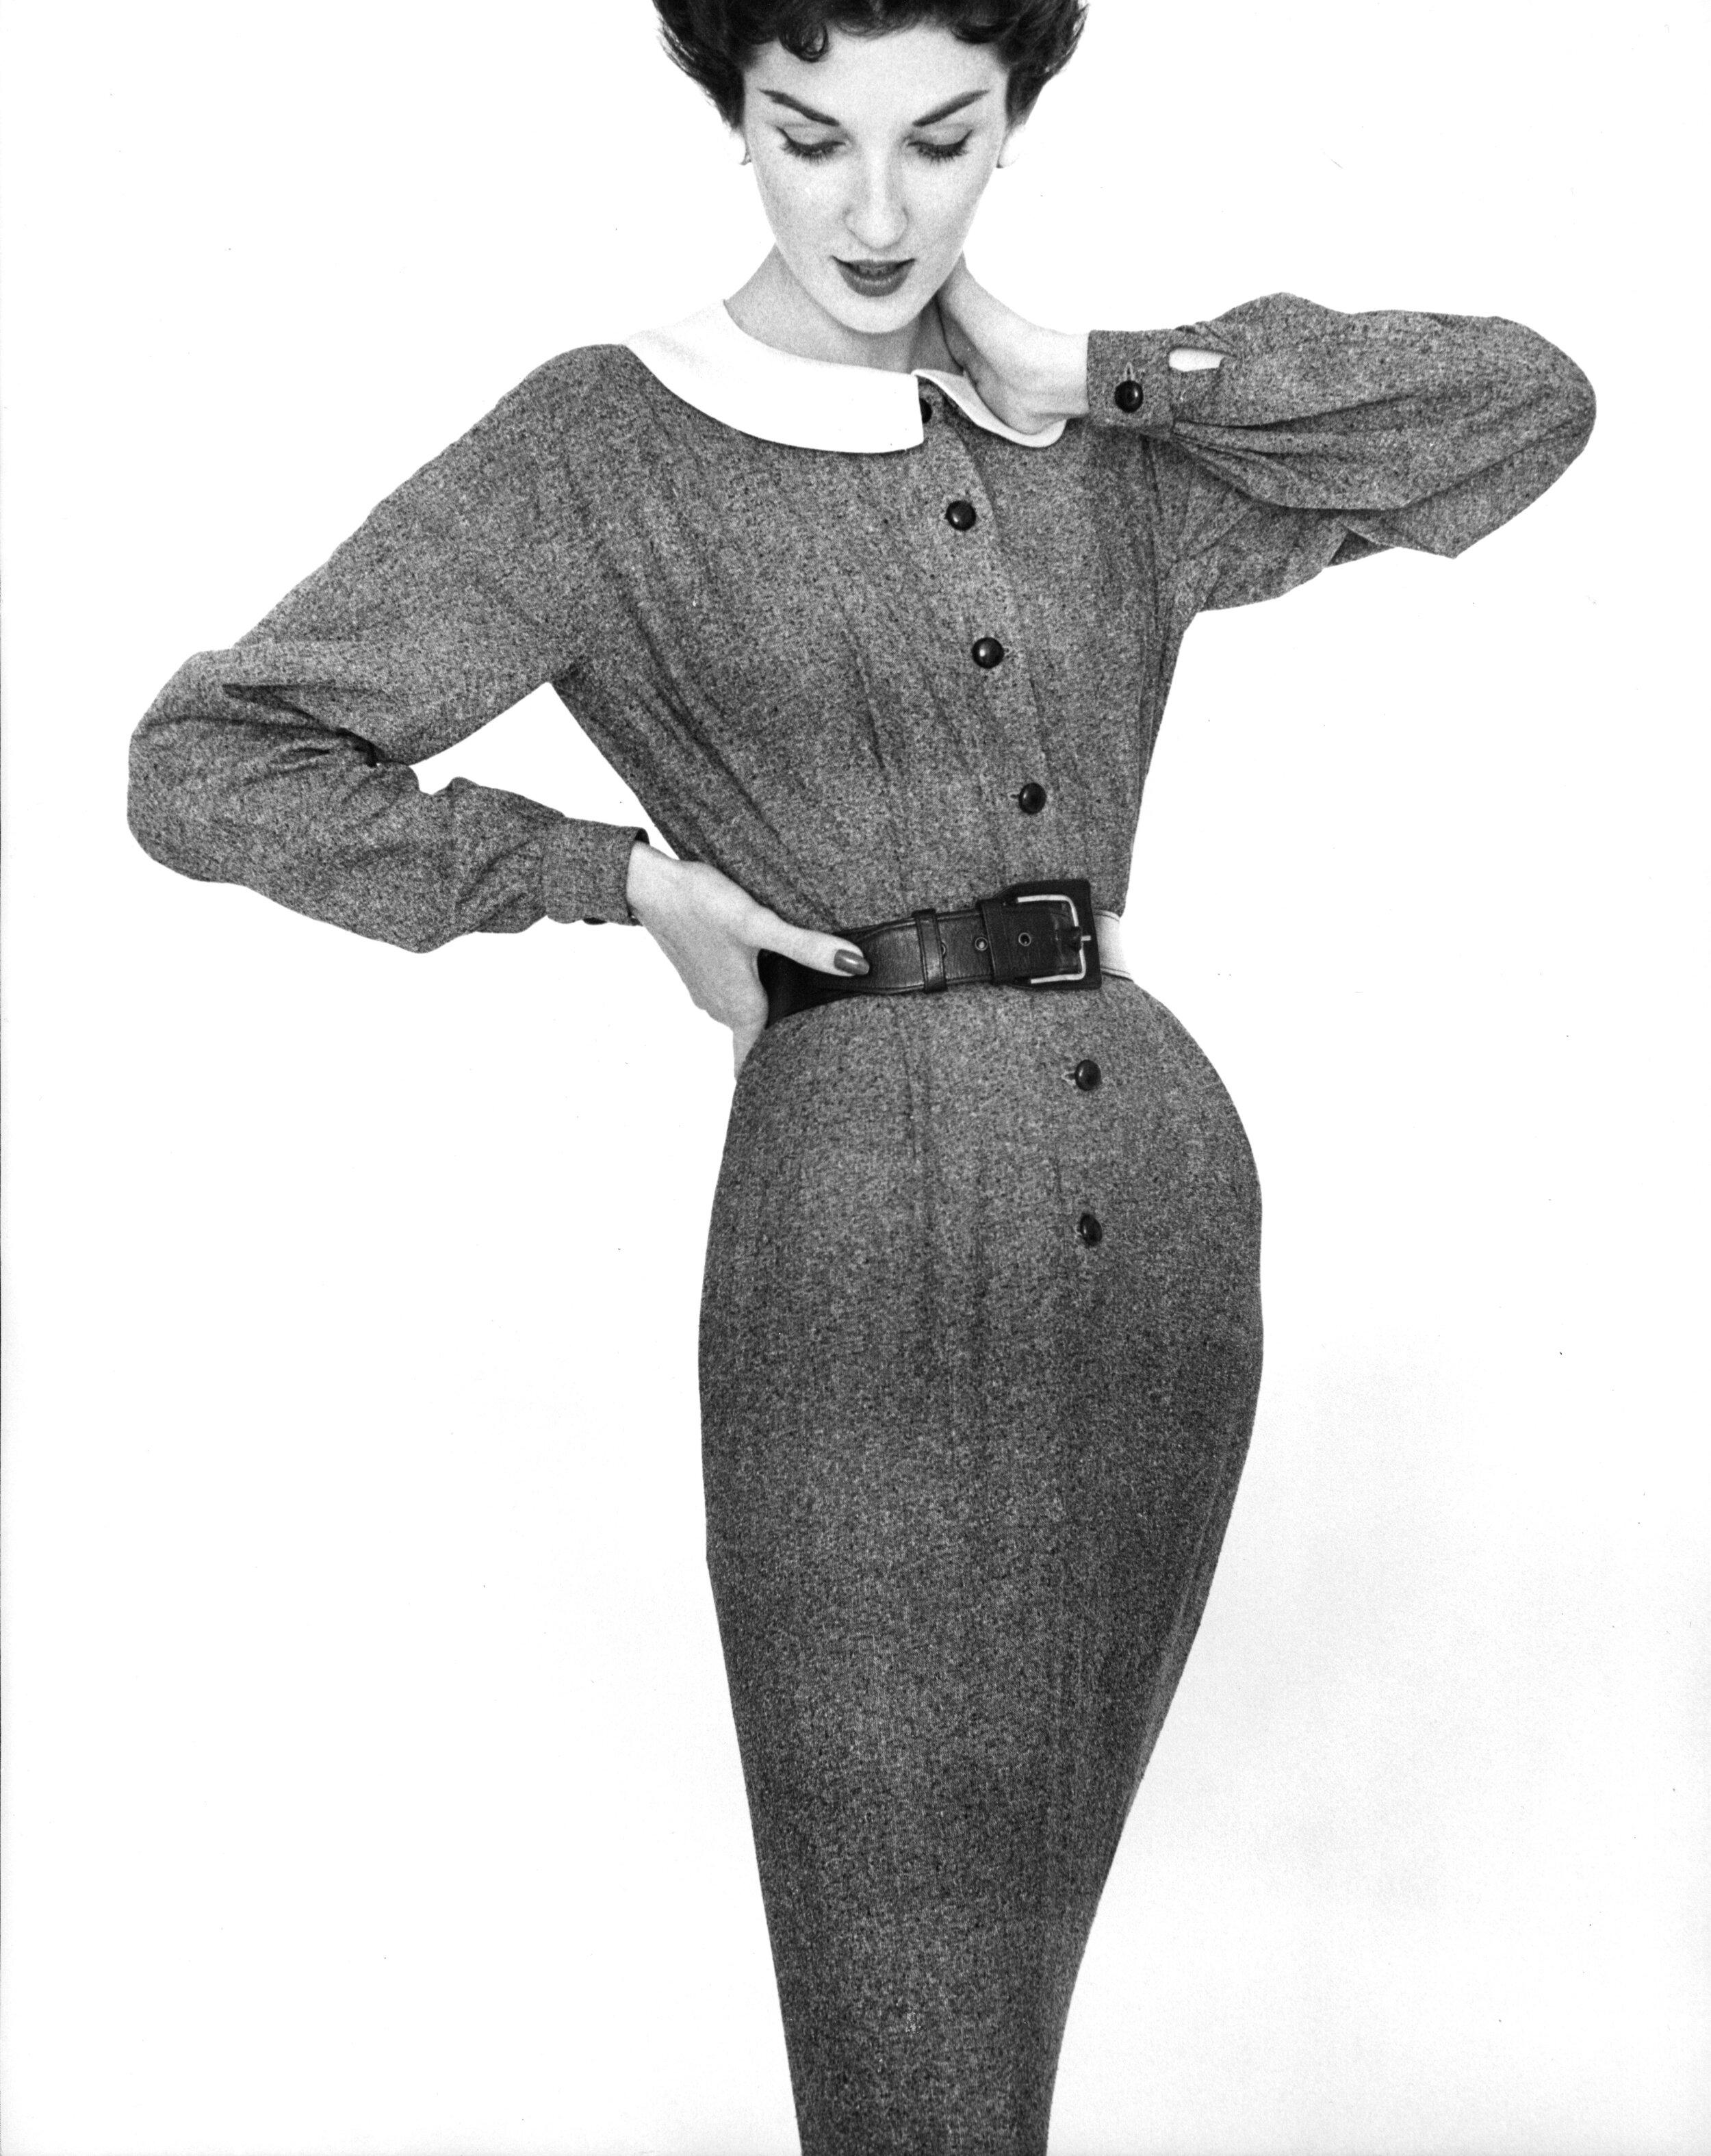 00008-Dan-Wynn-Fashion-00020.jpg